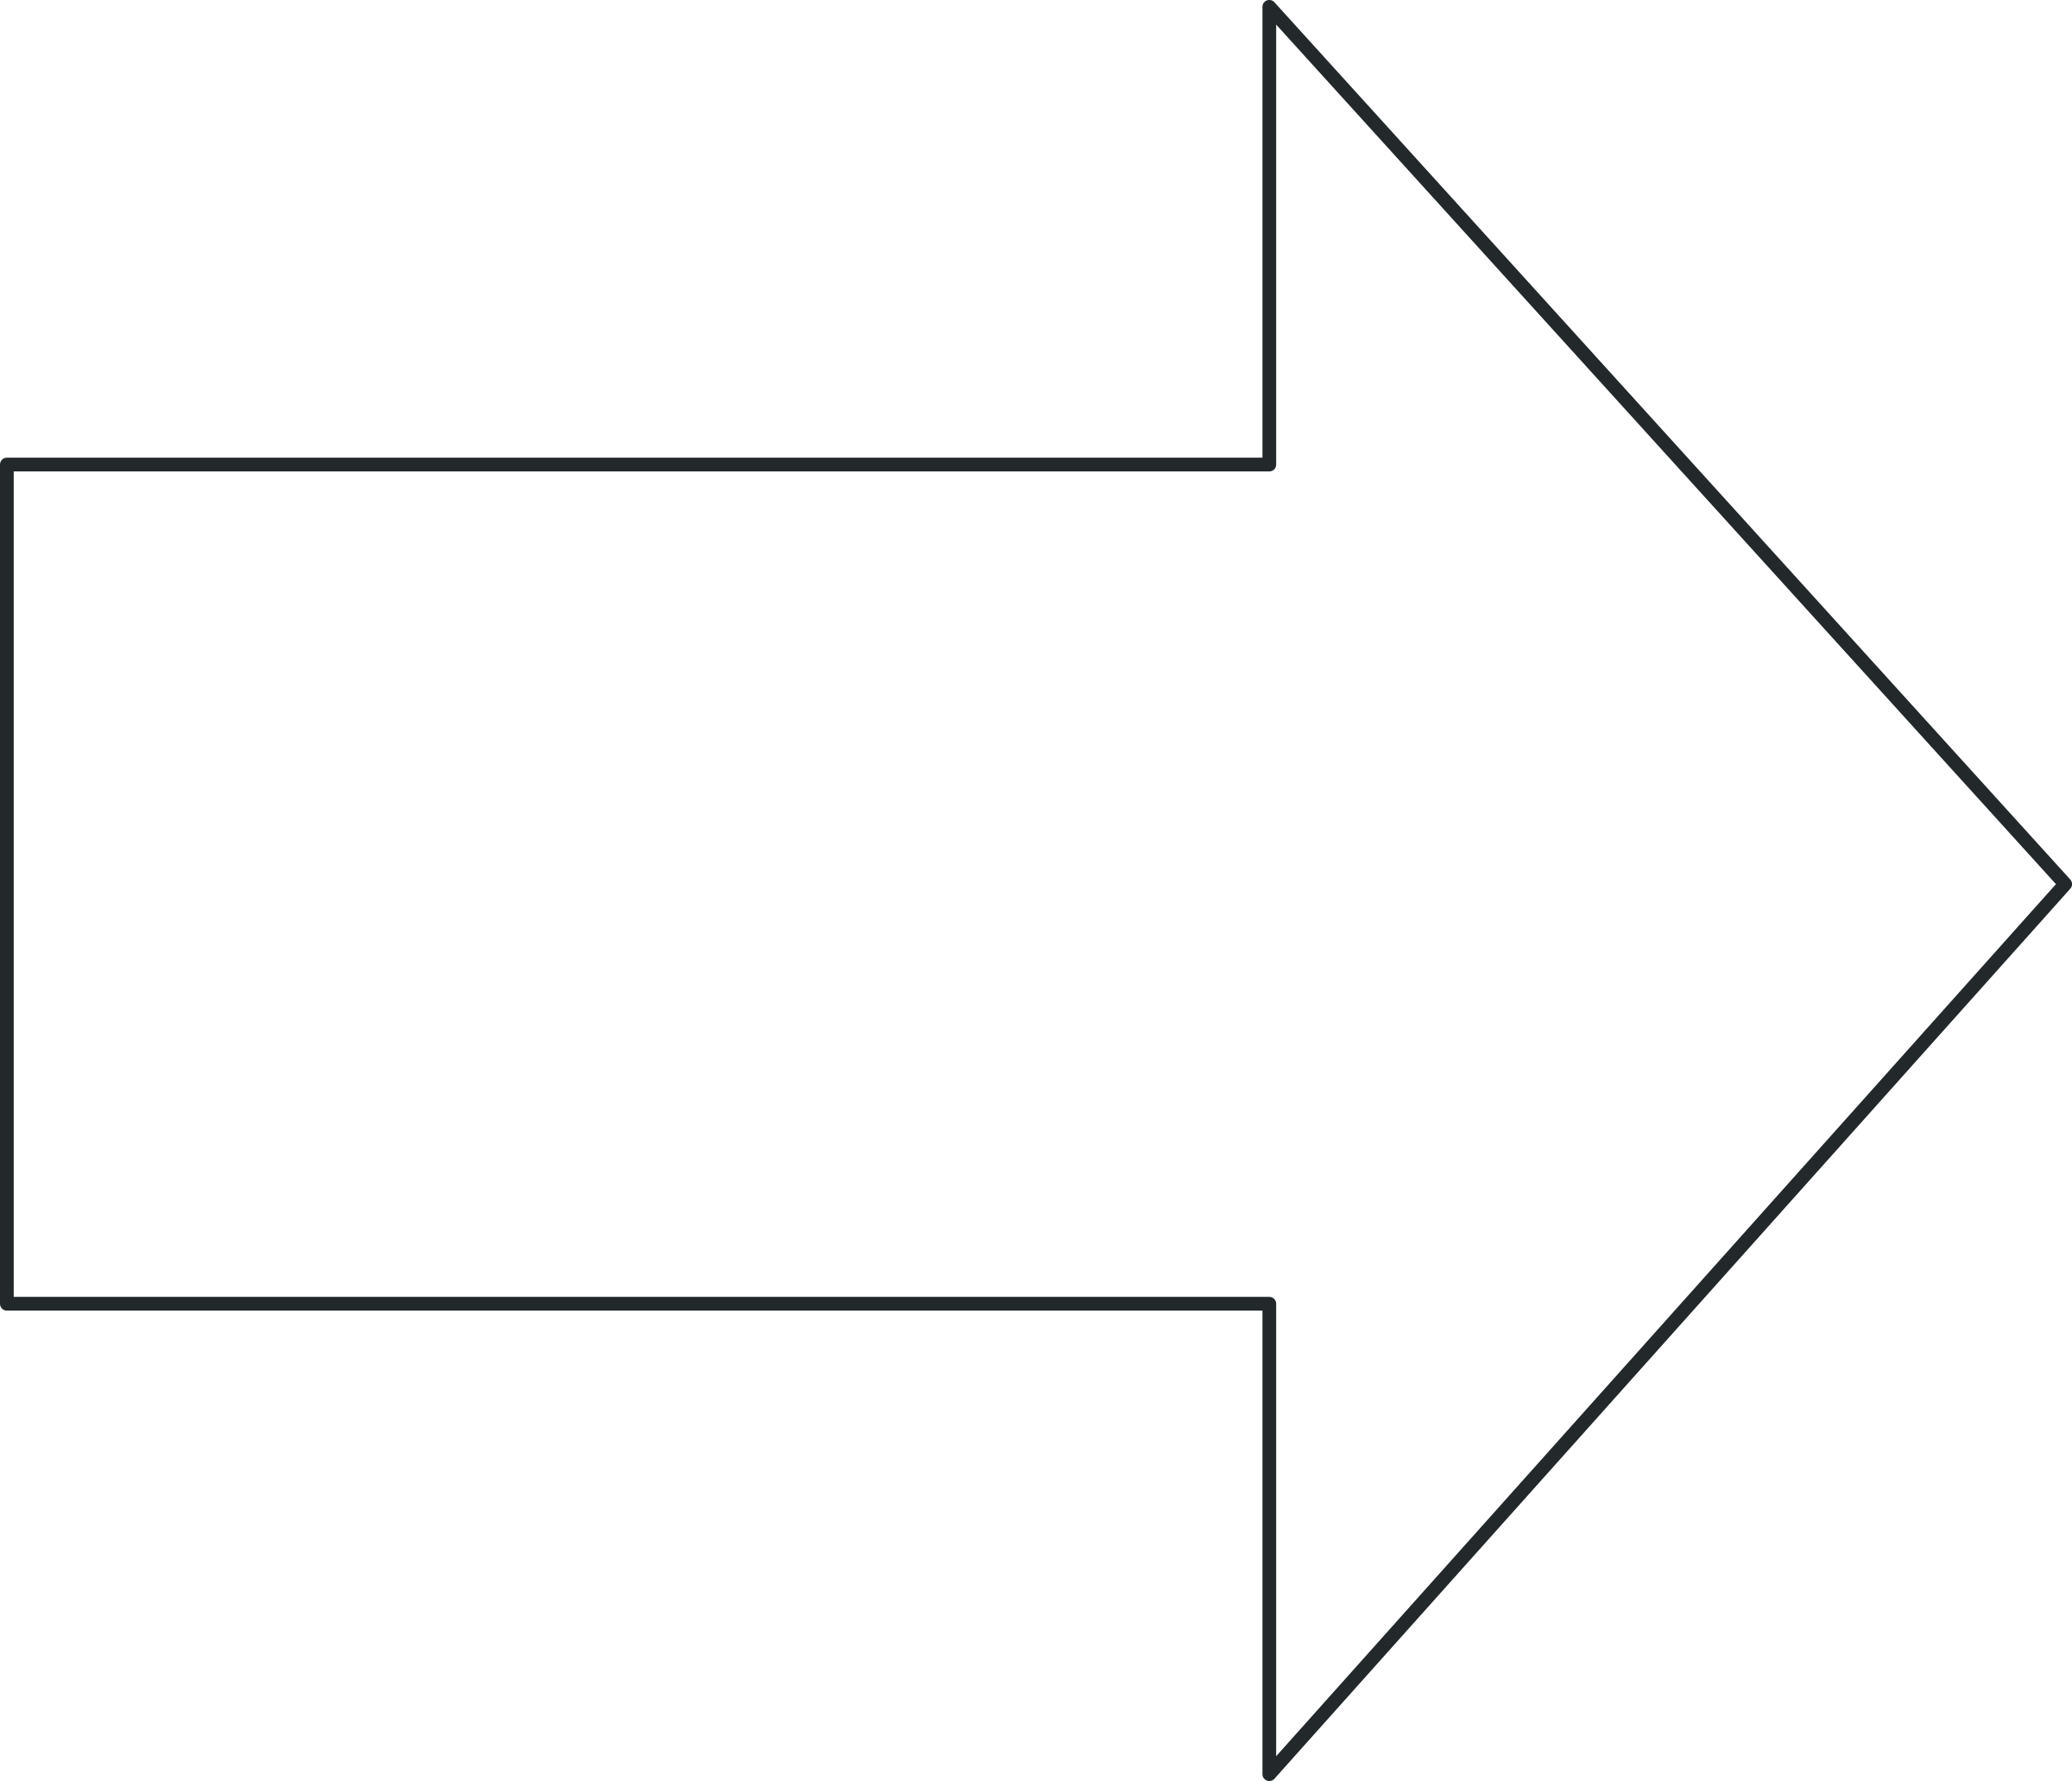 Motivation clipart arrow. Right black outline big